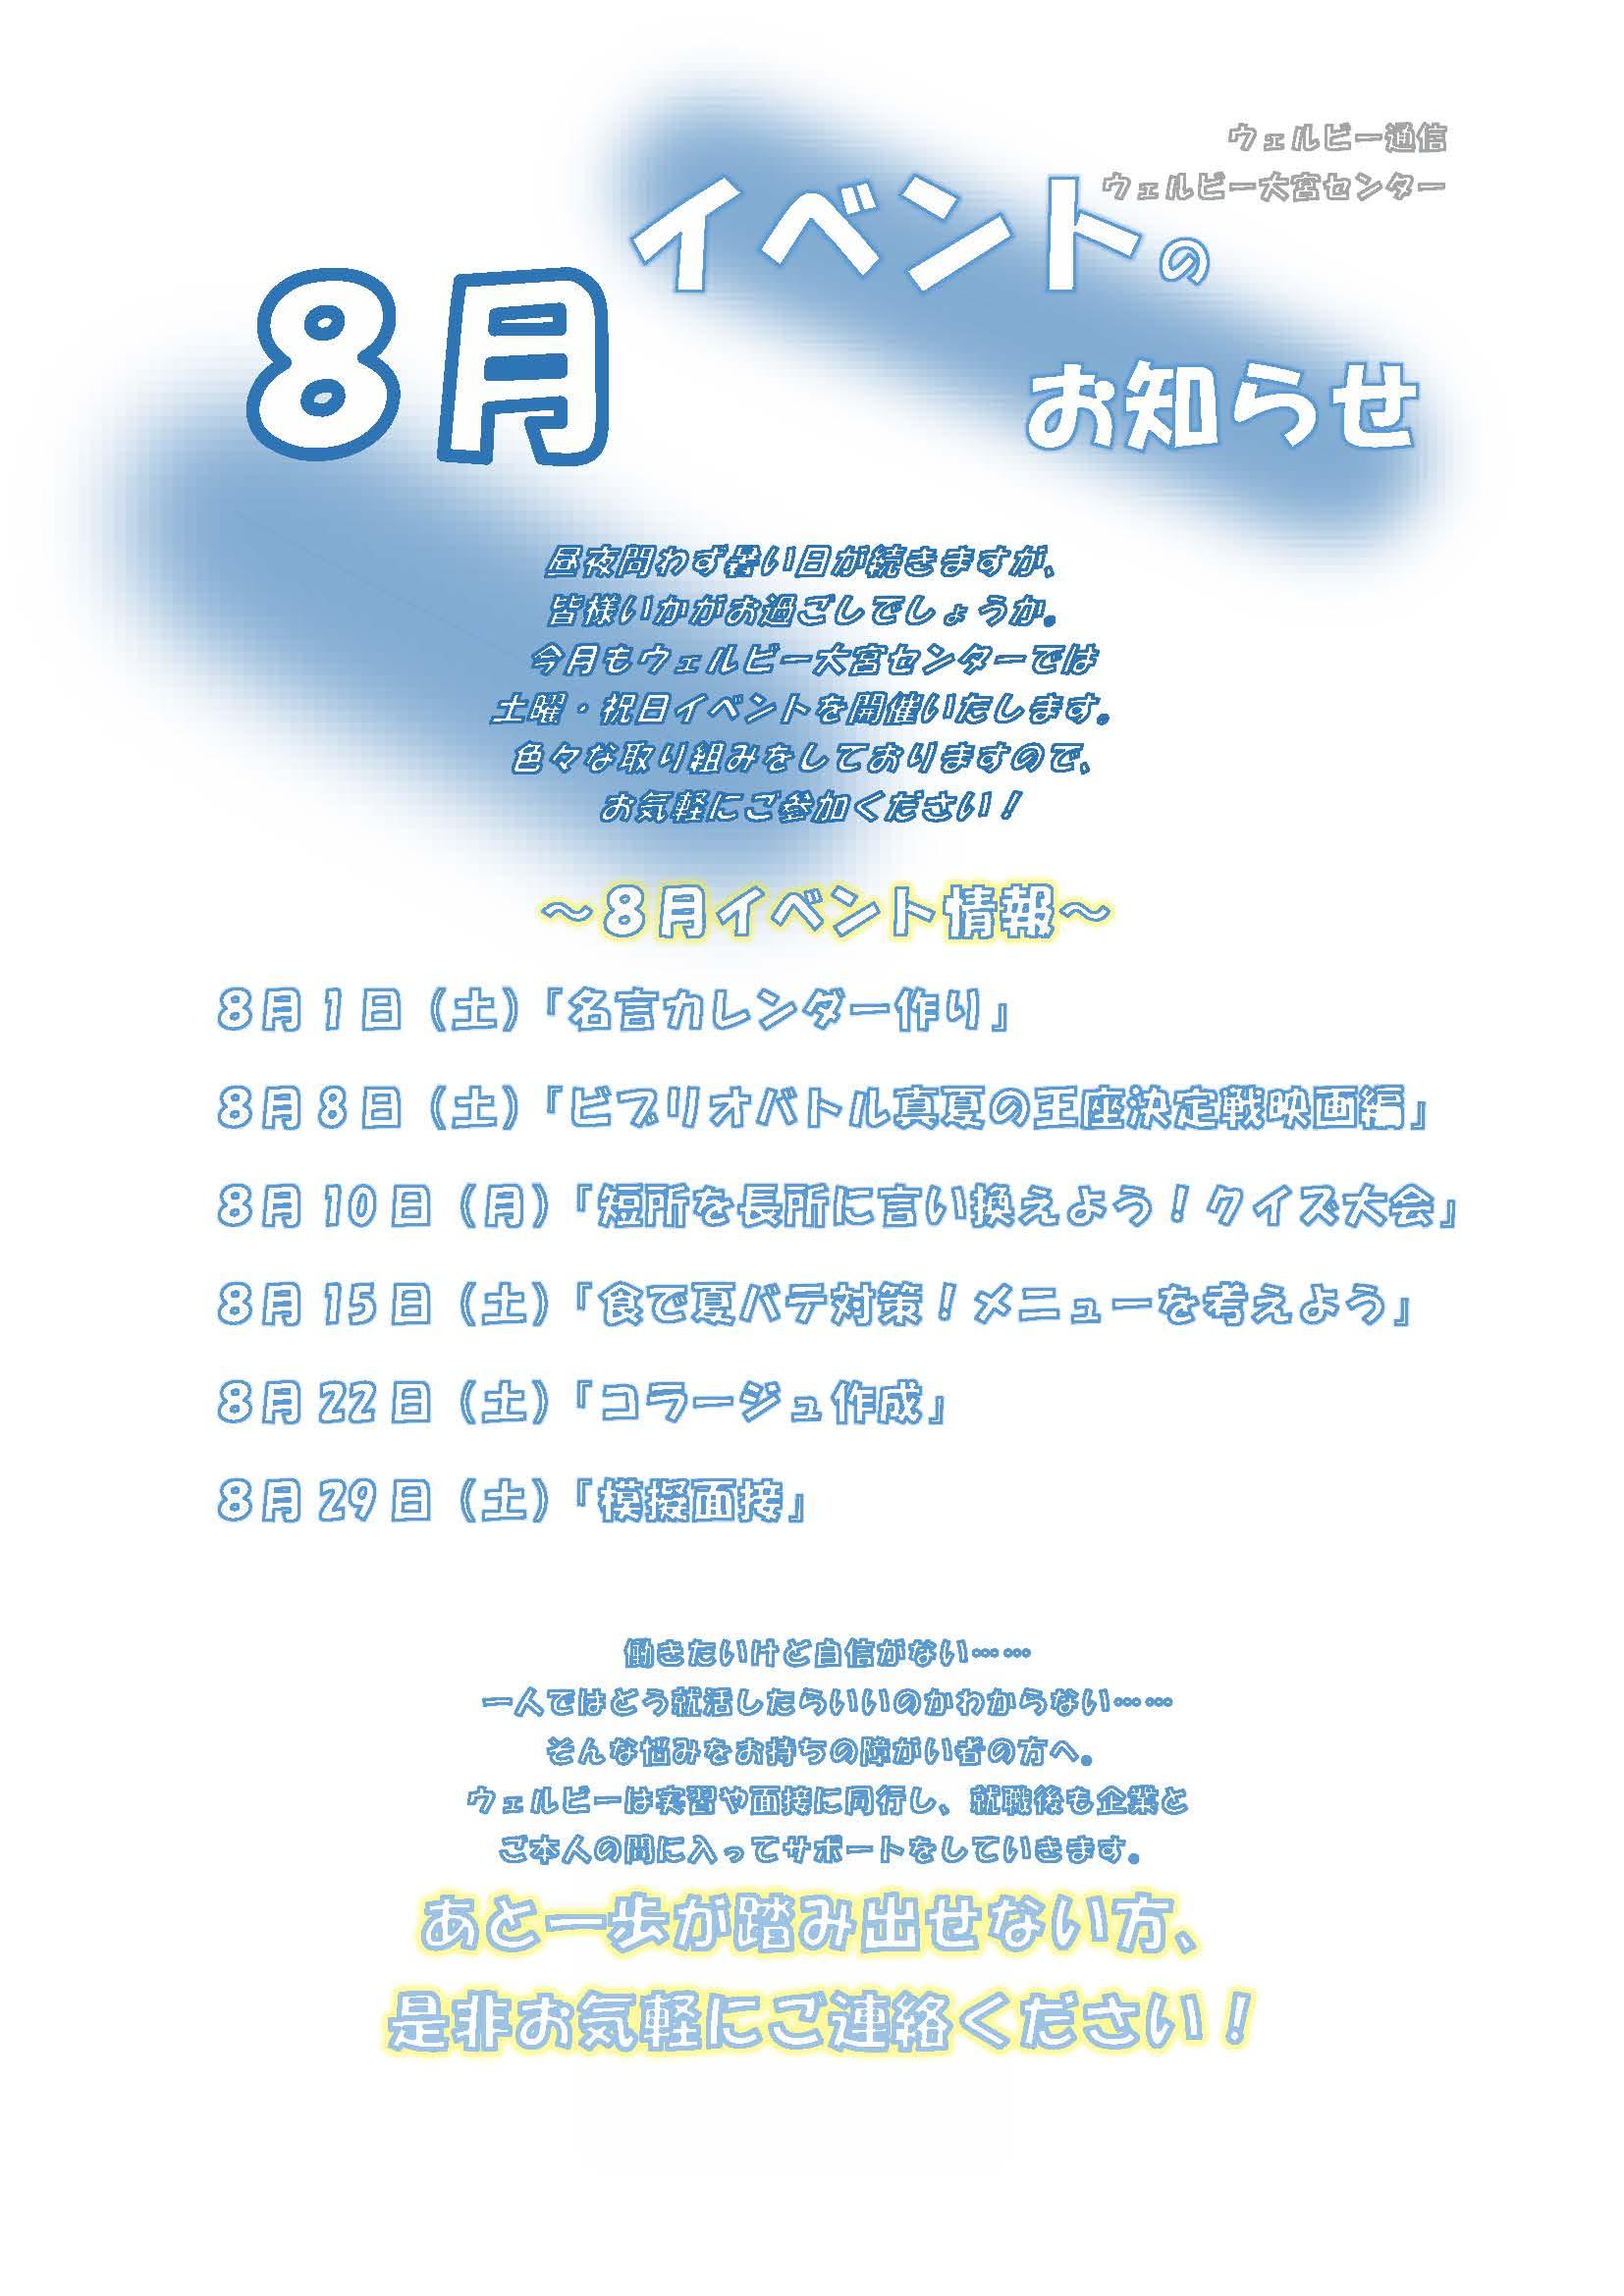 【ブログ用】ウェルビー通信2020年8月